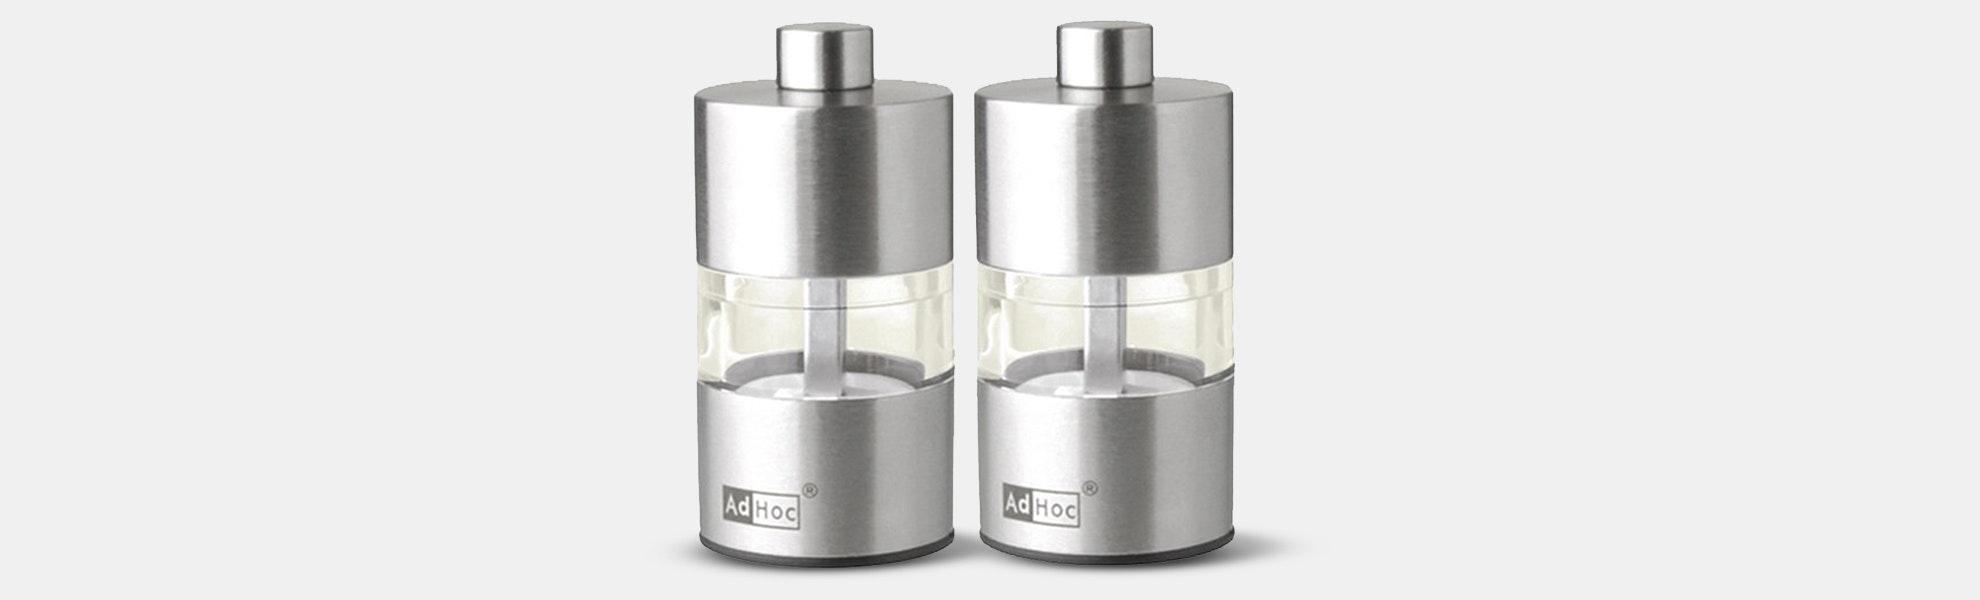 AdHoc S&P Minimill (Set of 2)